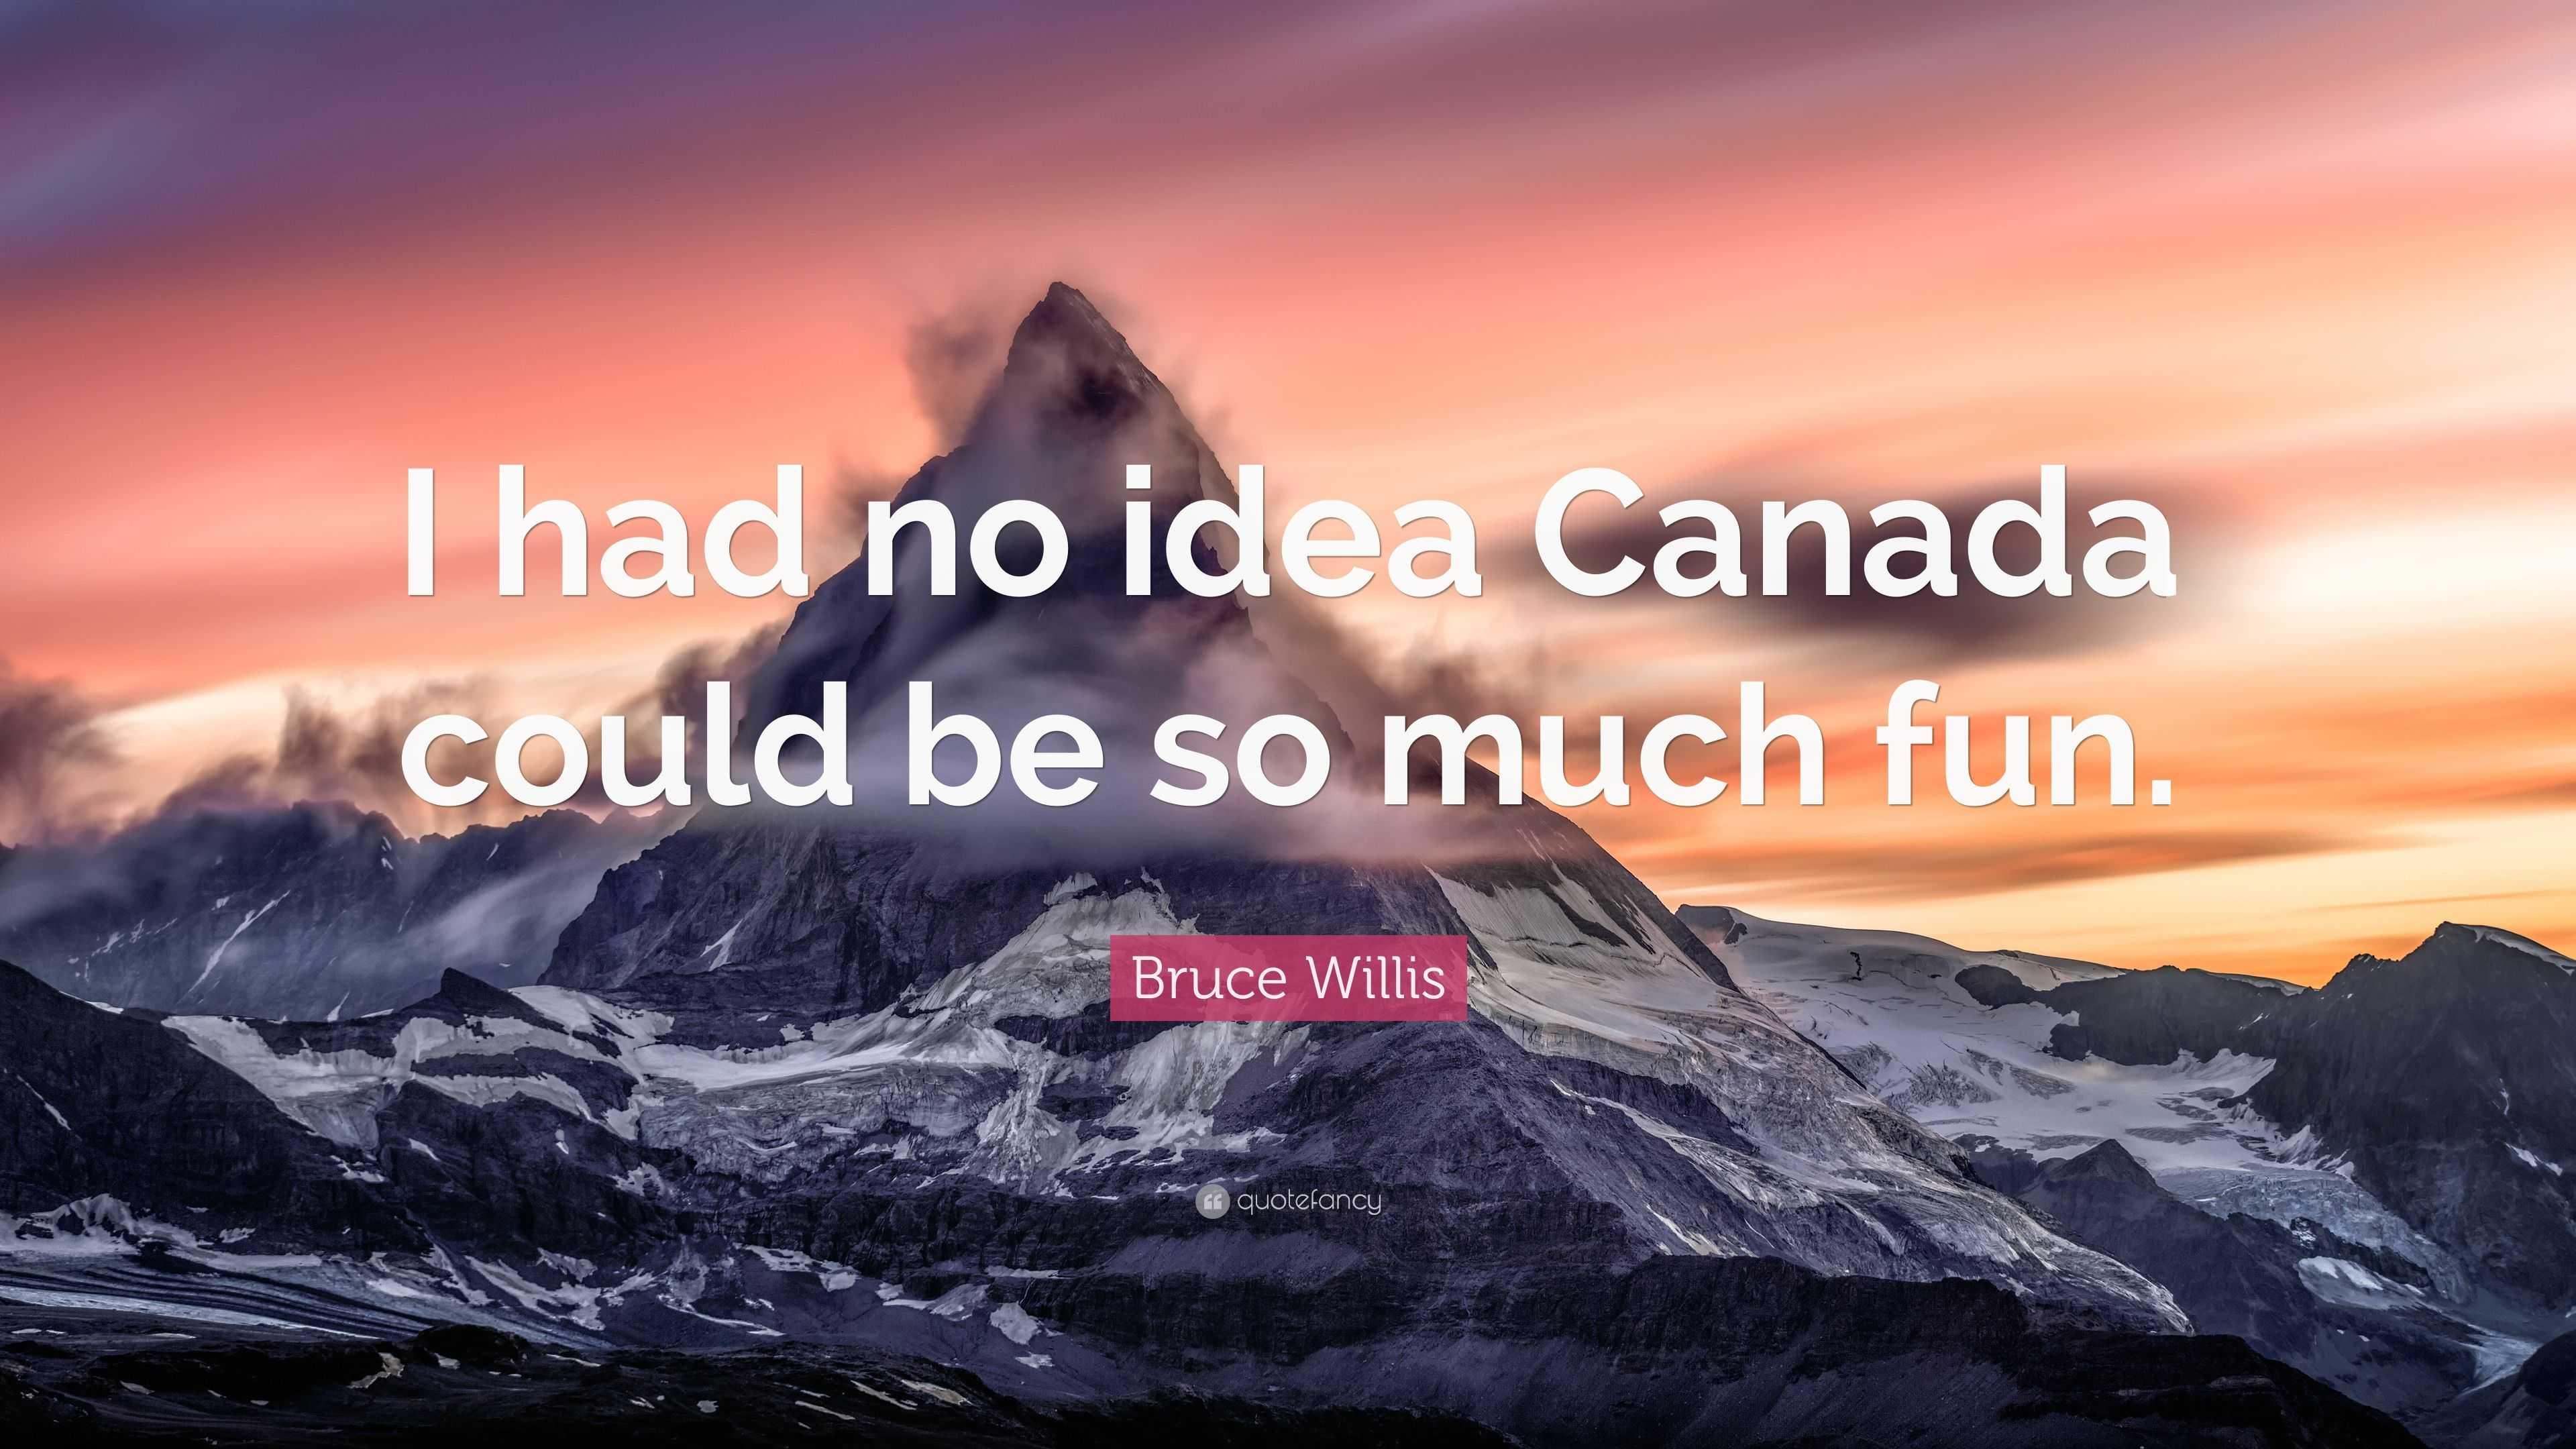 Bruce Willis Quote u201cI had no idea